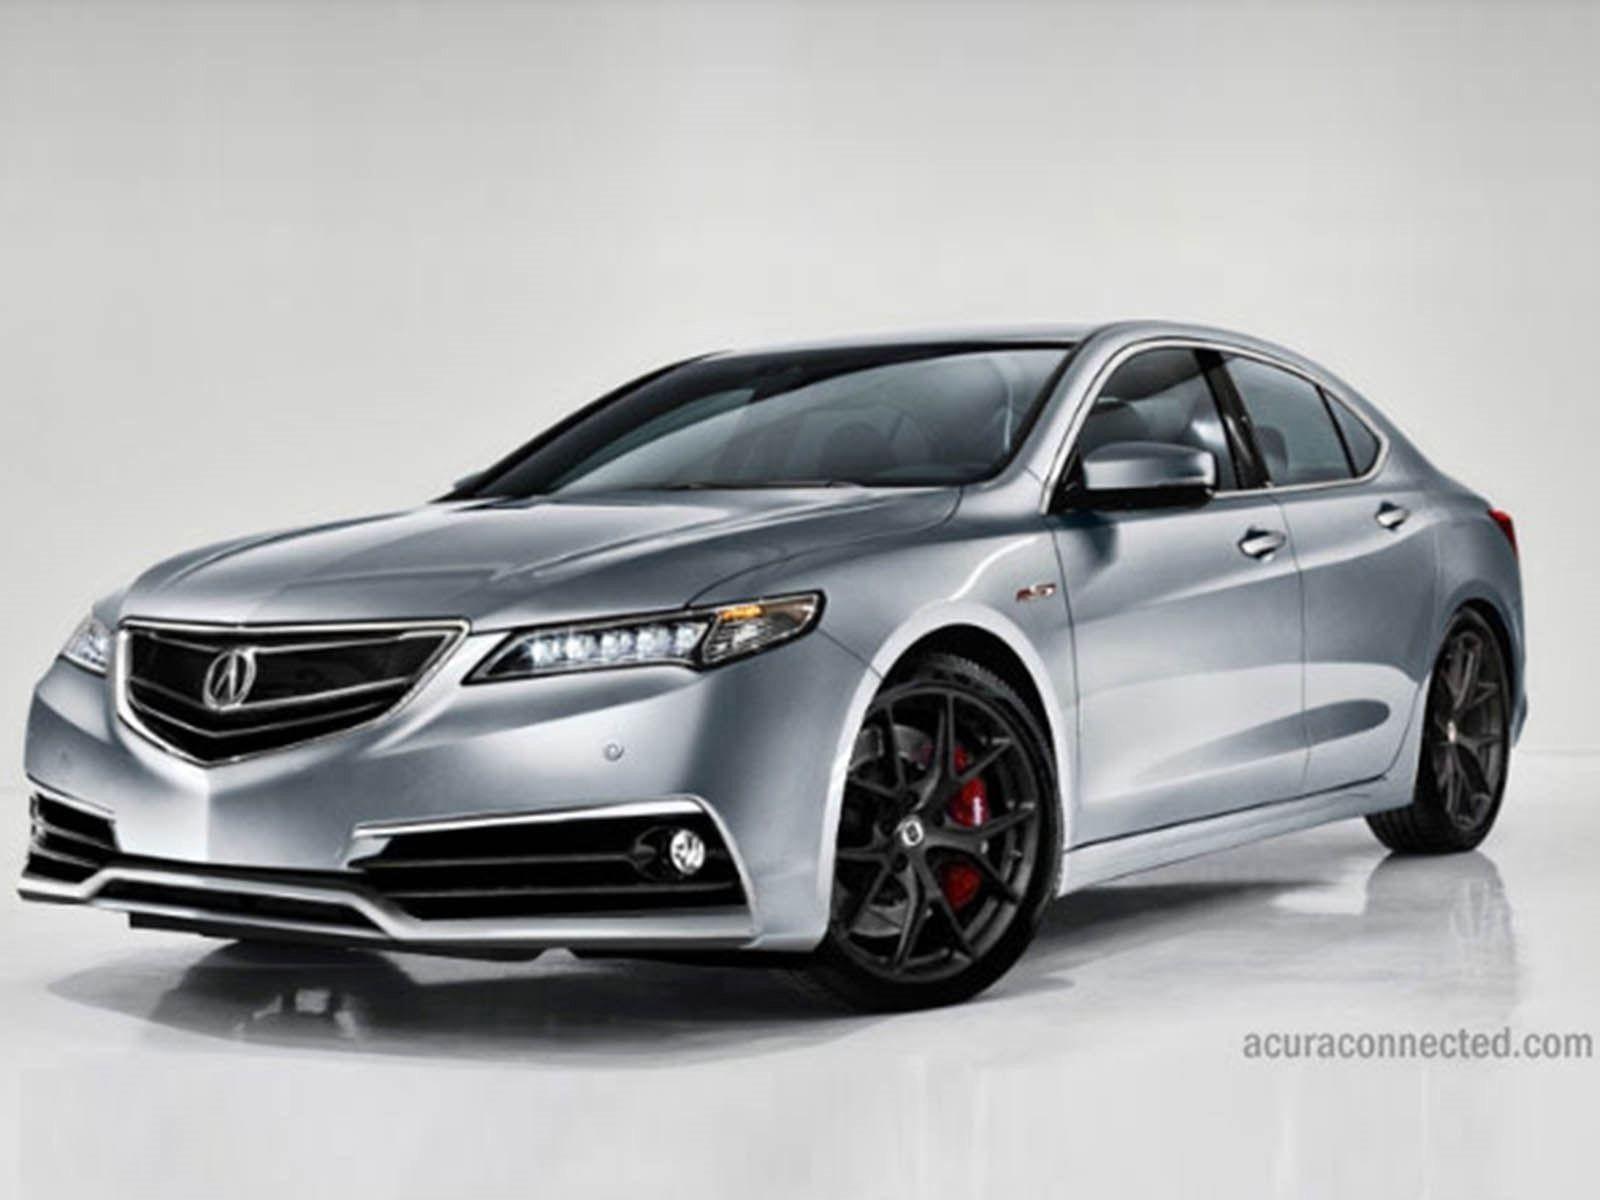 2019 Acura Type S Price